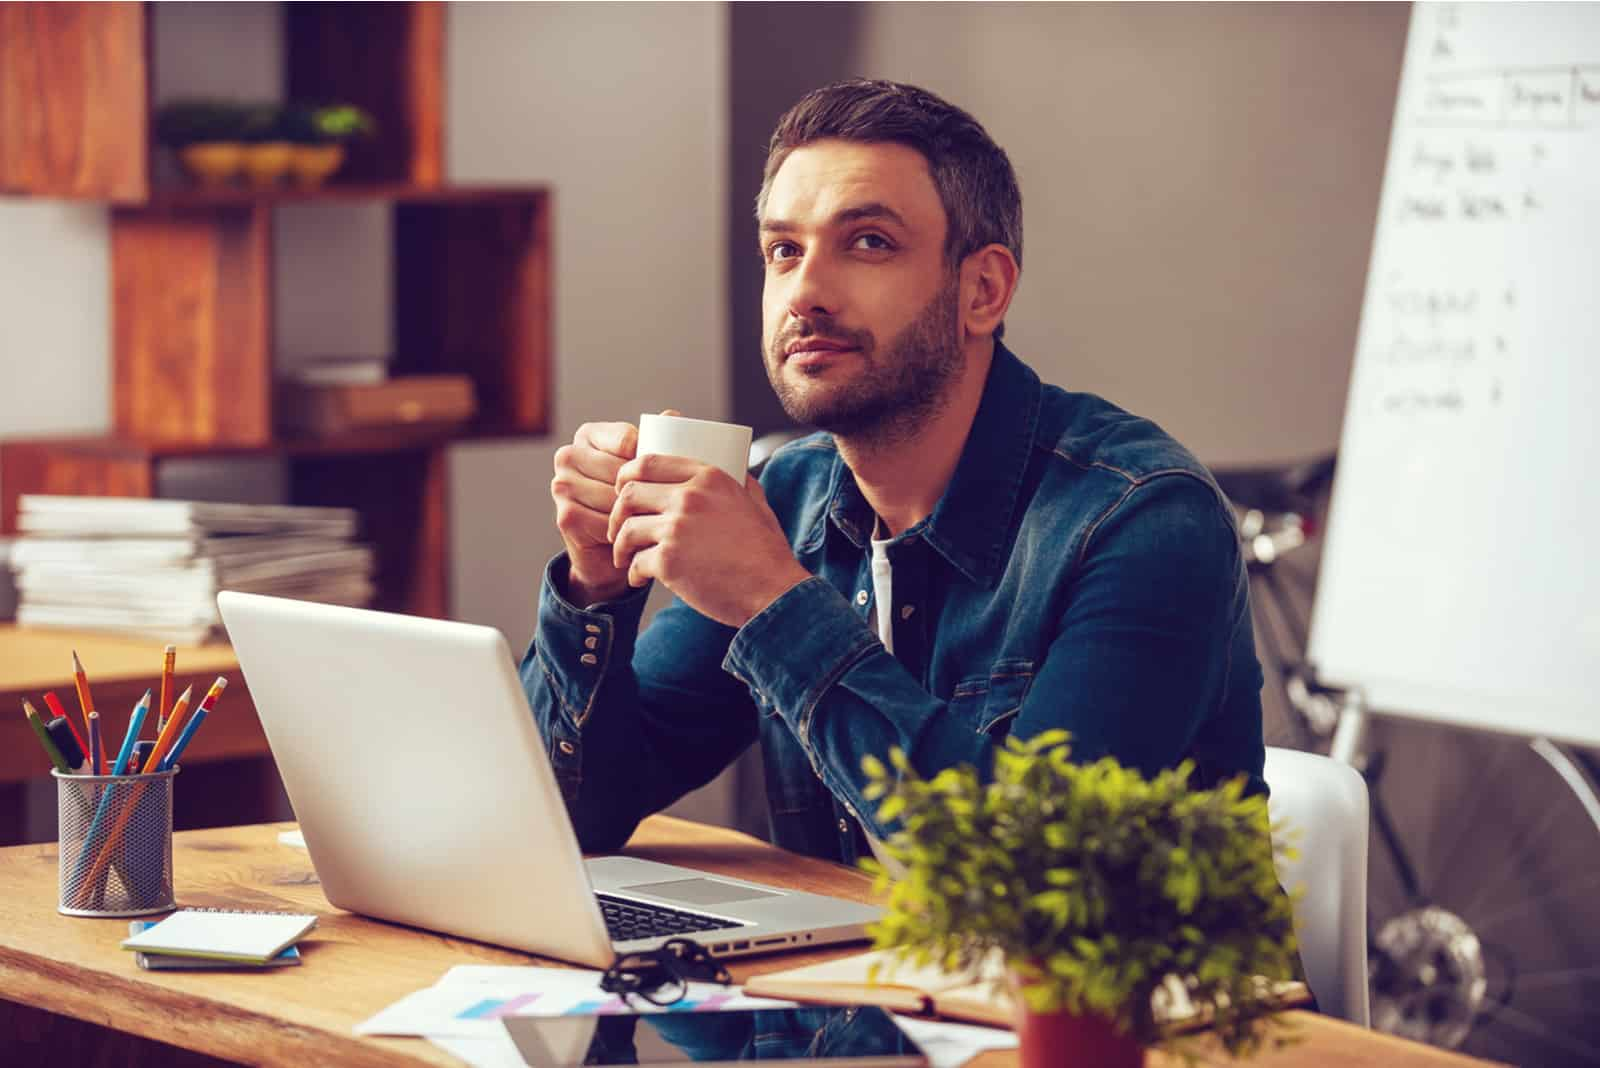 un homme imaginaire buvant du café